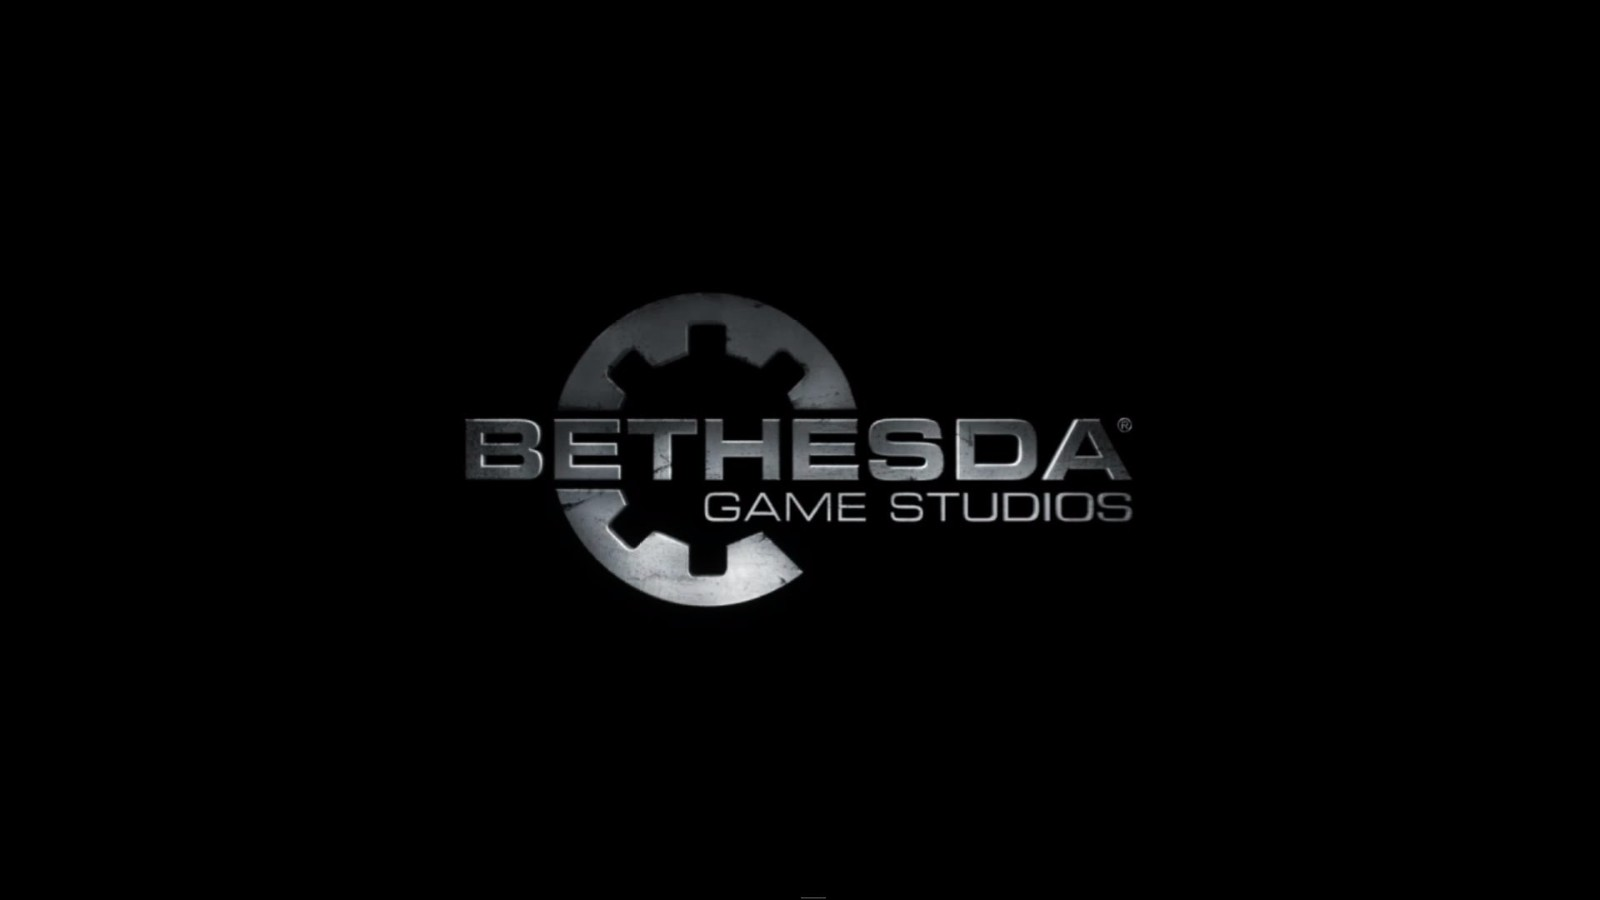 《战吼》开发商被并入Bethesda游戏工作室,成为后者第三间办公室